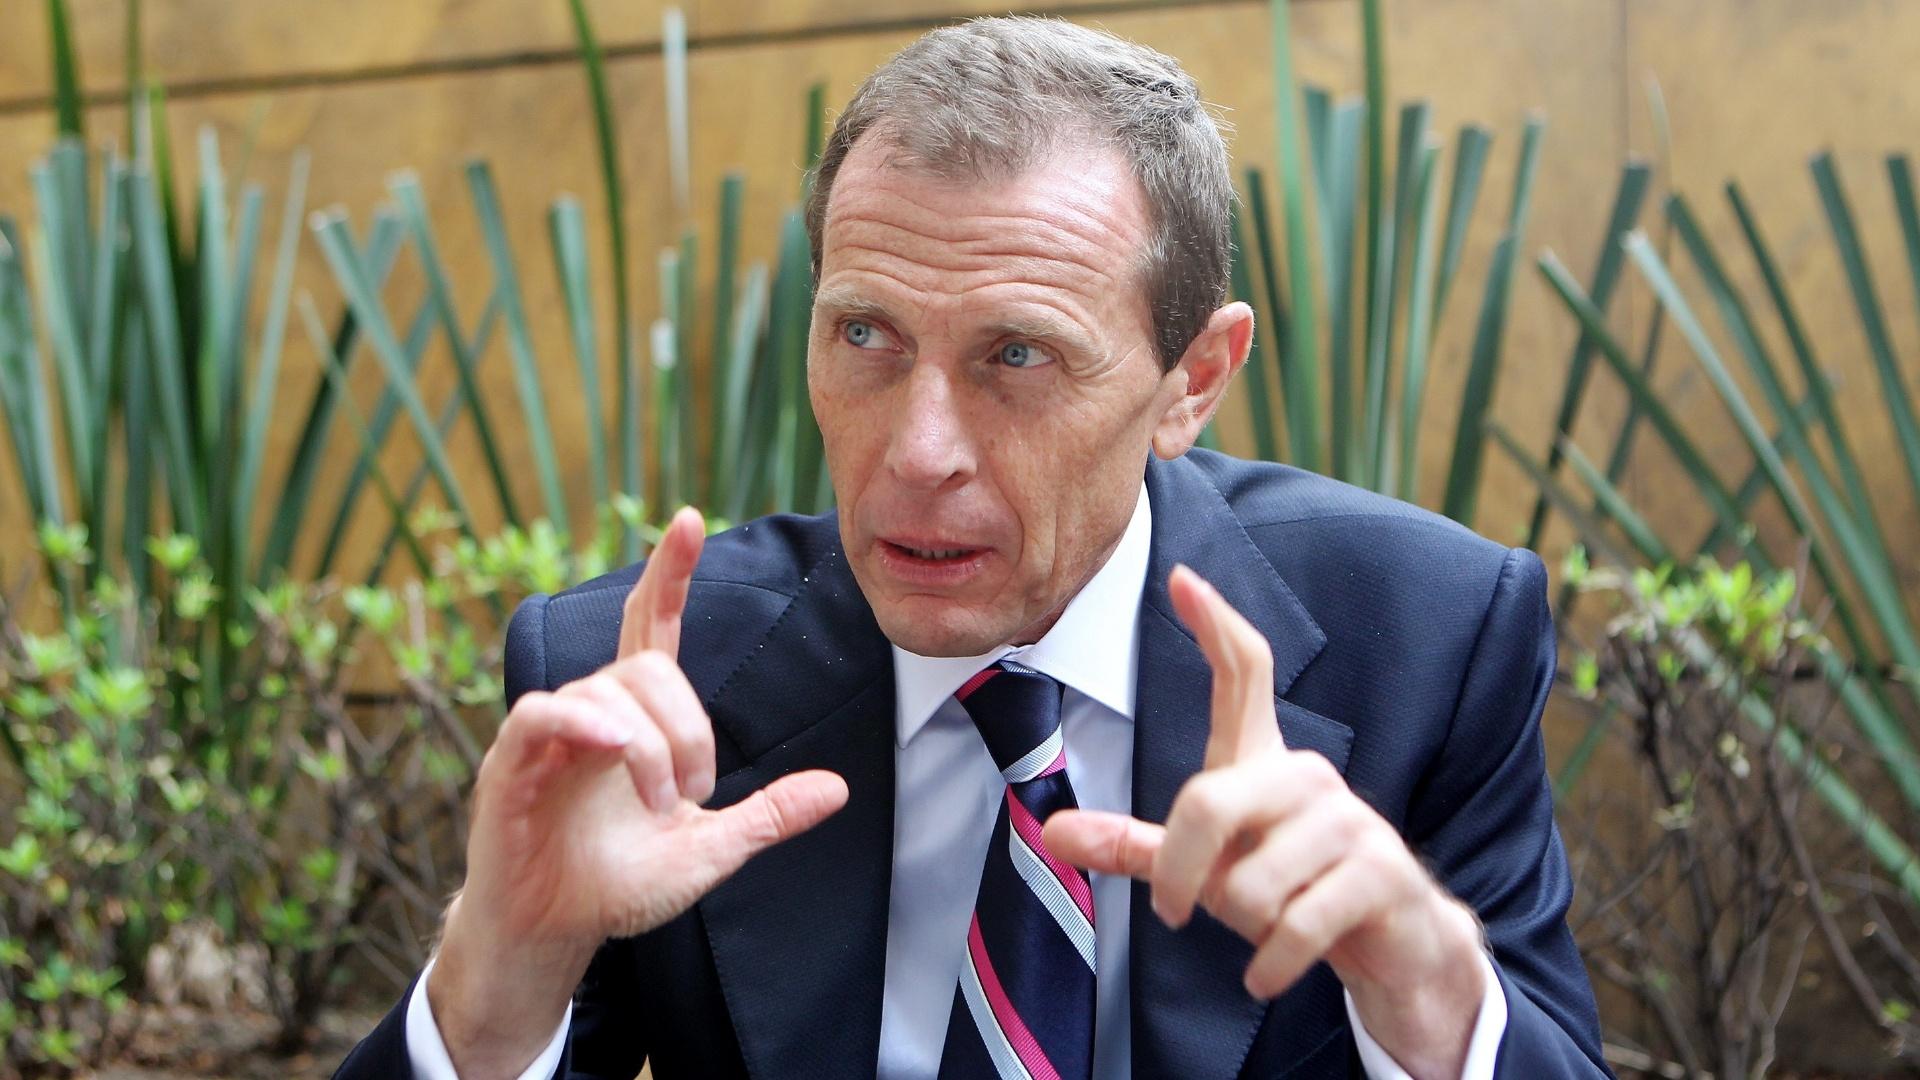 Emilio Butragueño, ex-jogador e hoje dirigente do Real Madrid, concede entrevista na Colômbia